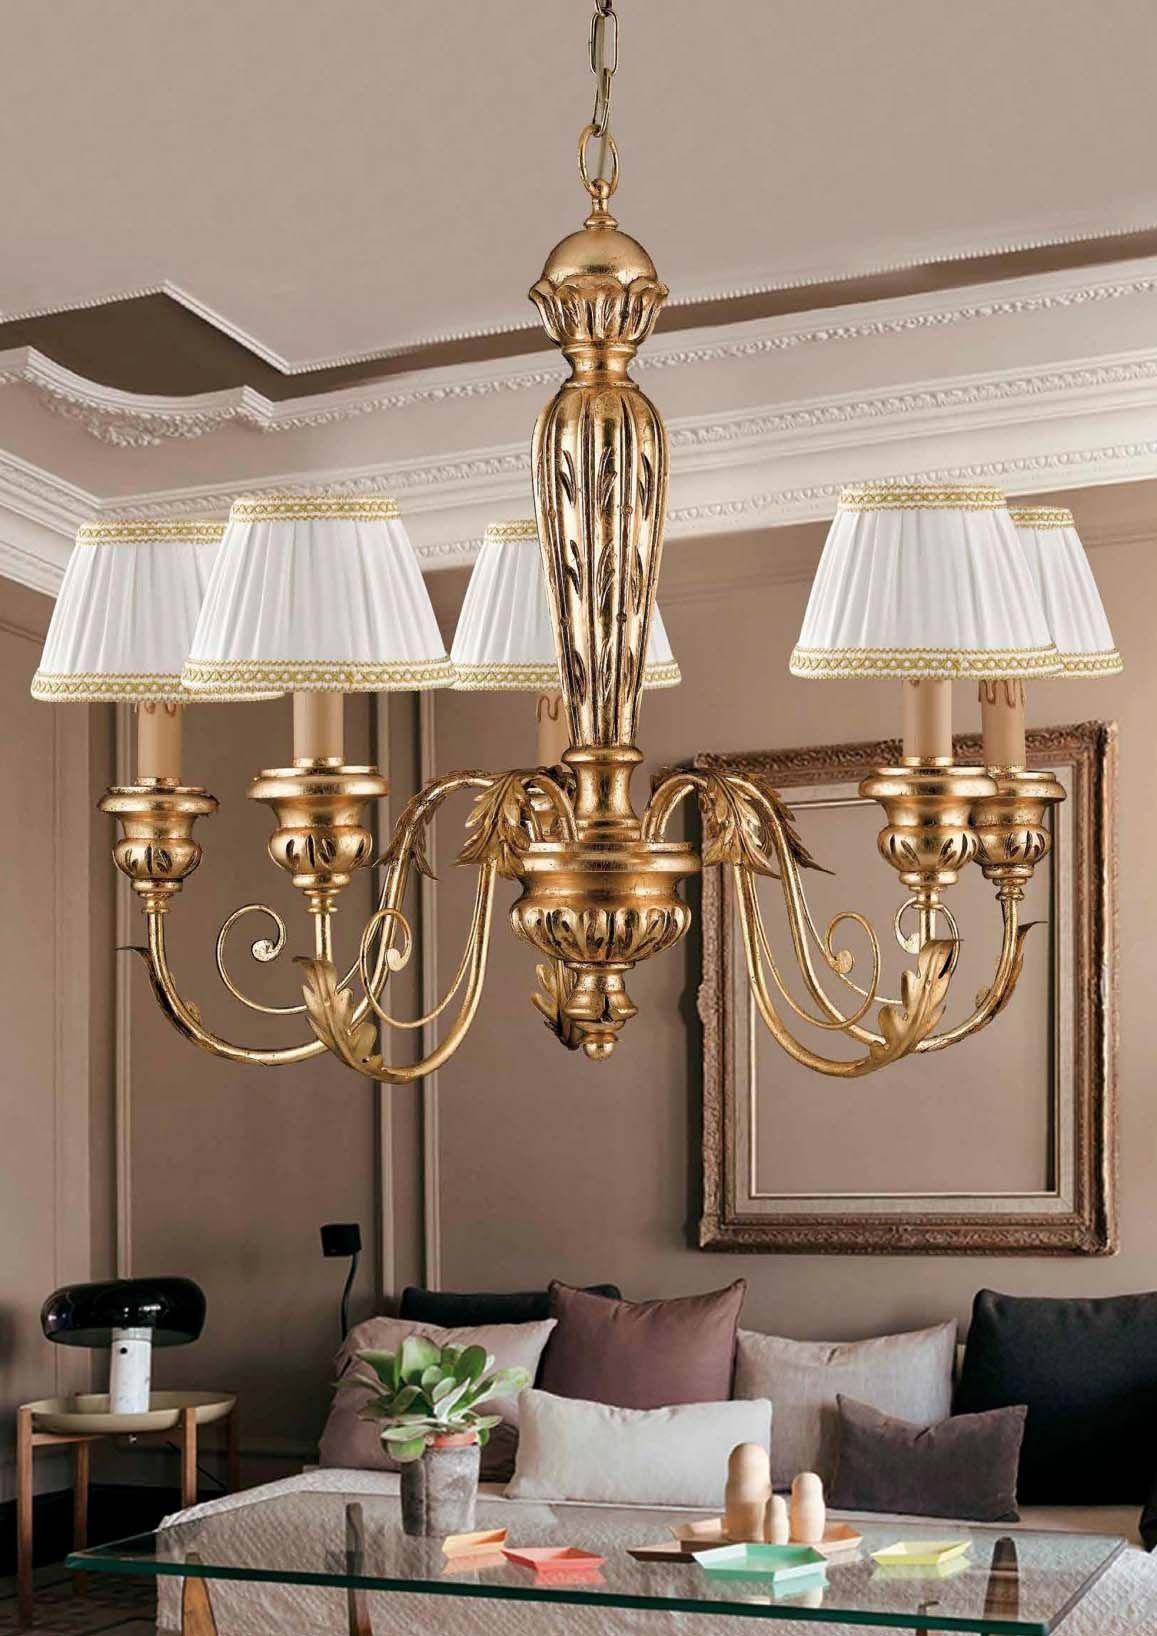 Lampadario classico in legno e ferro battuto 5 luci pre Ls ...